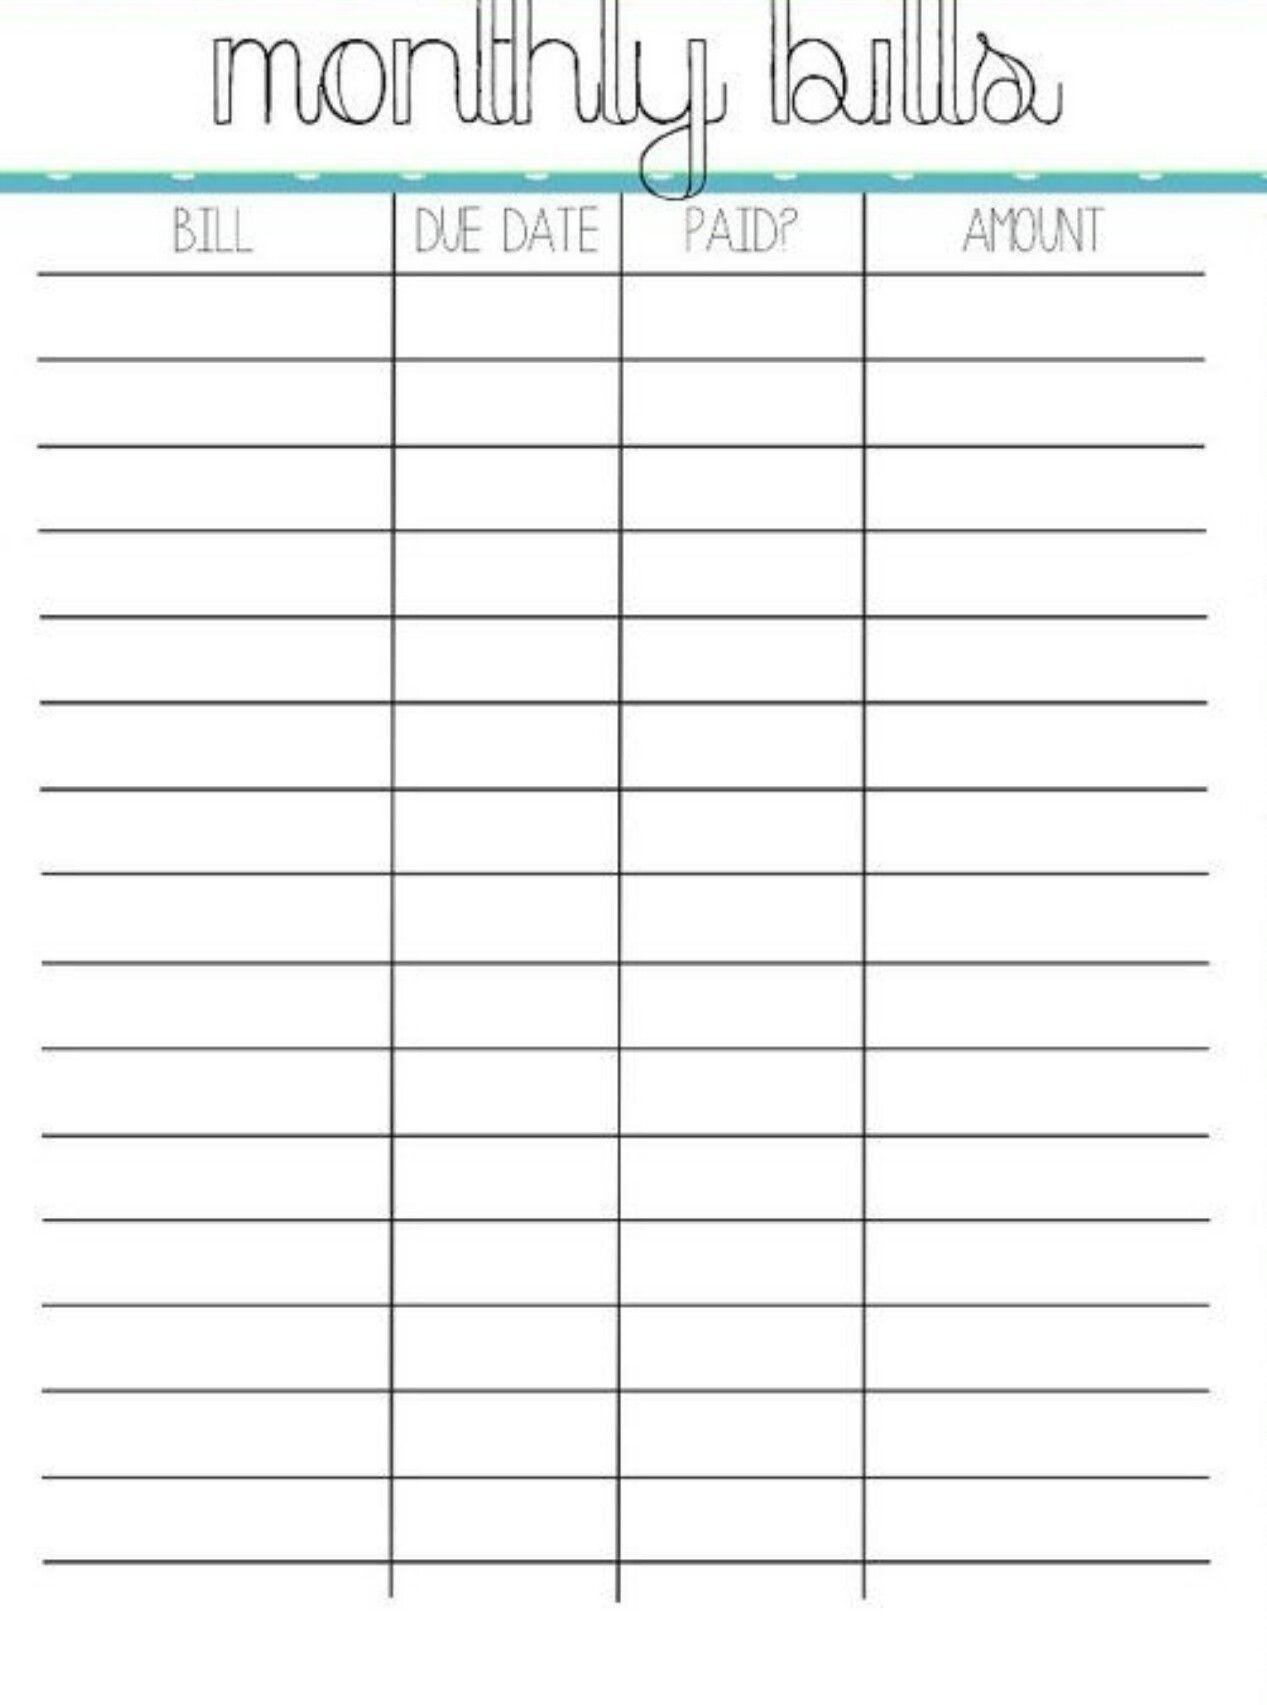 Monthly Pay Bills Worksheet Template Calendar Design